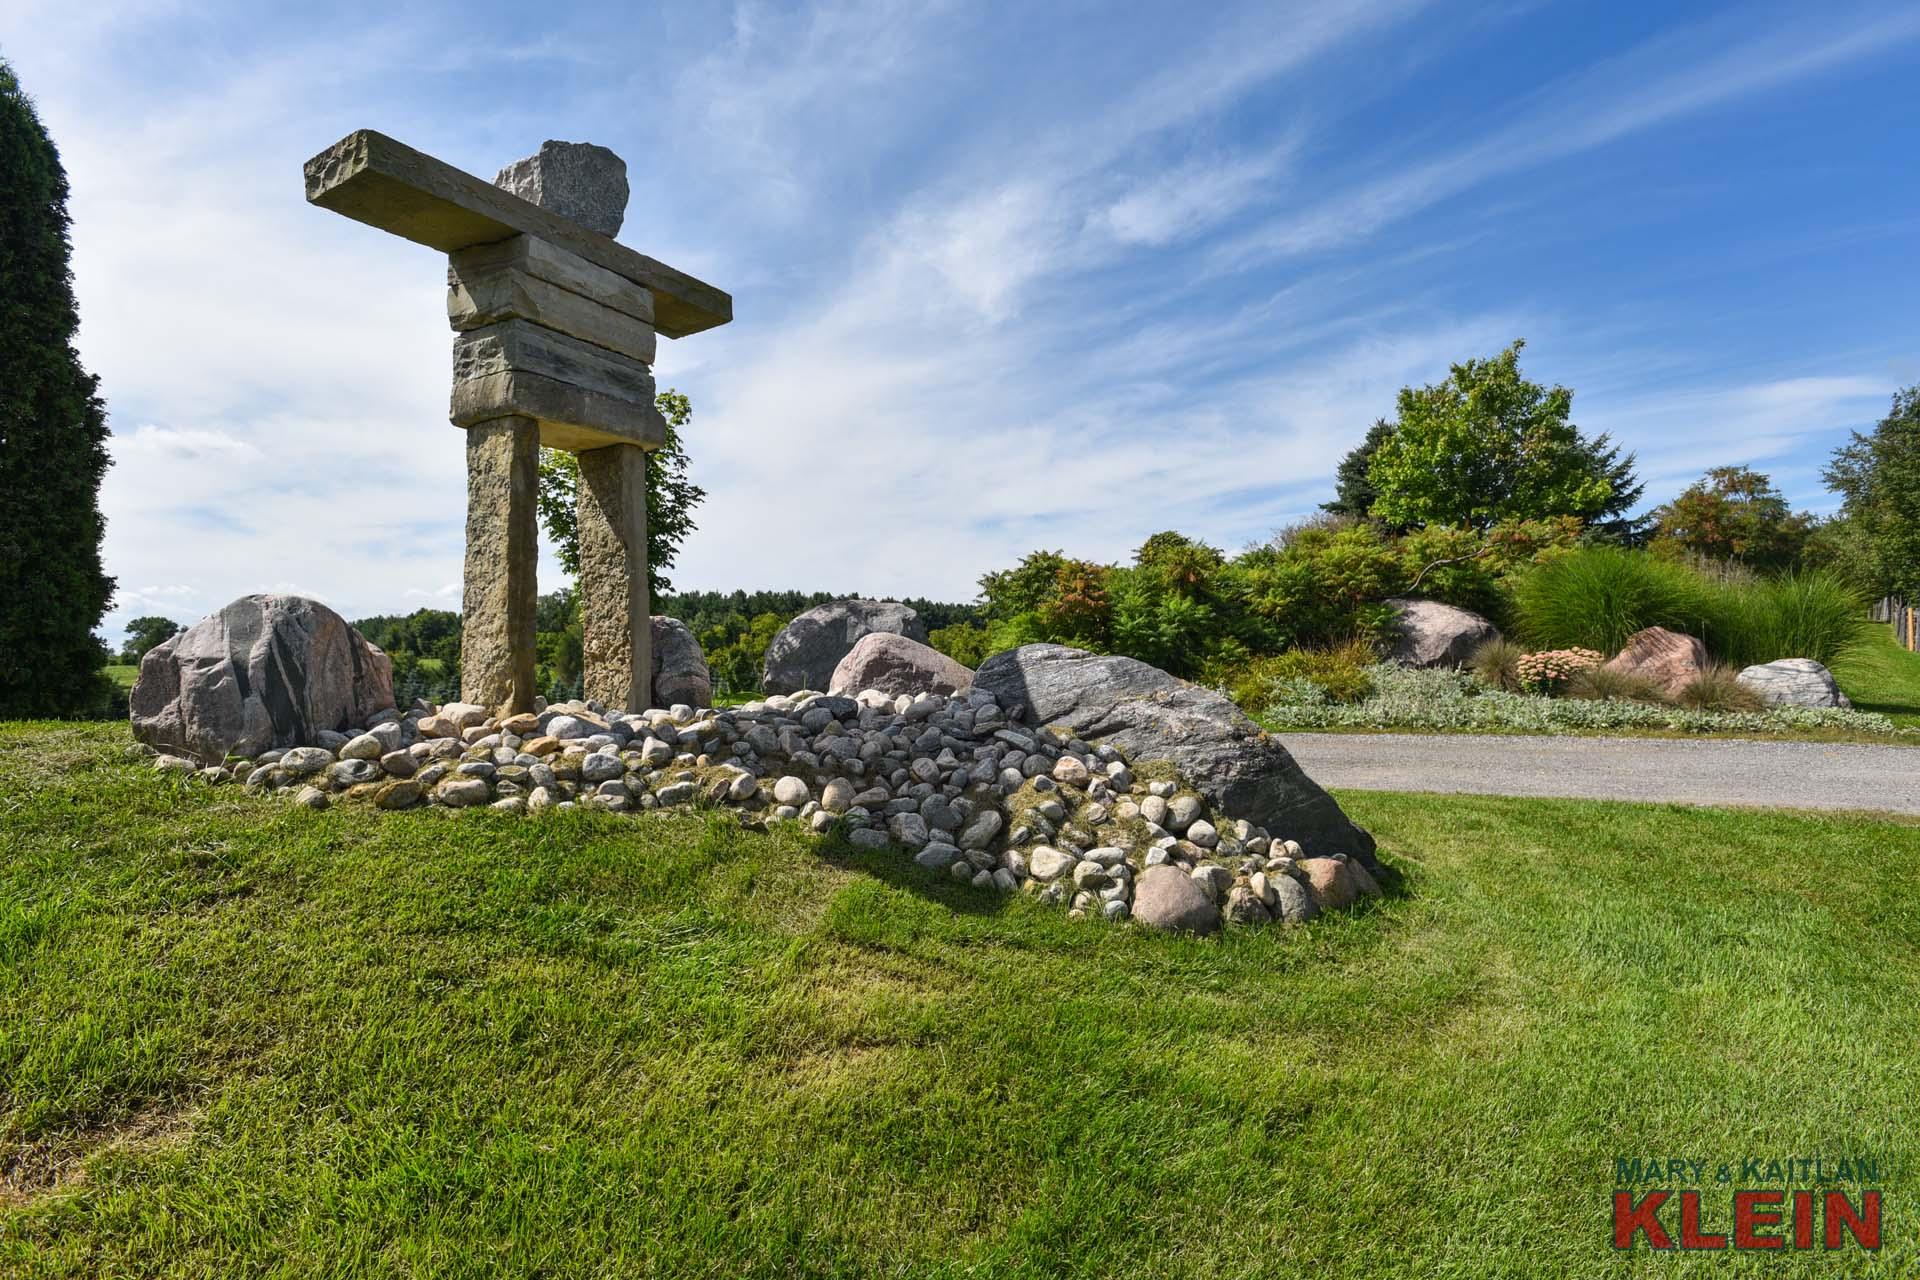 stone Inukshuk, caledon, ontario